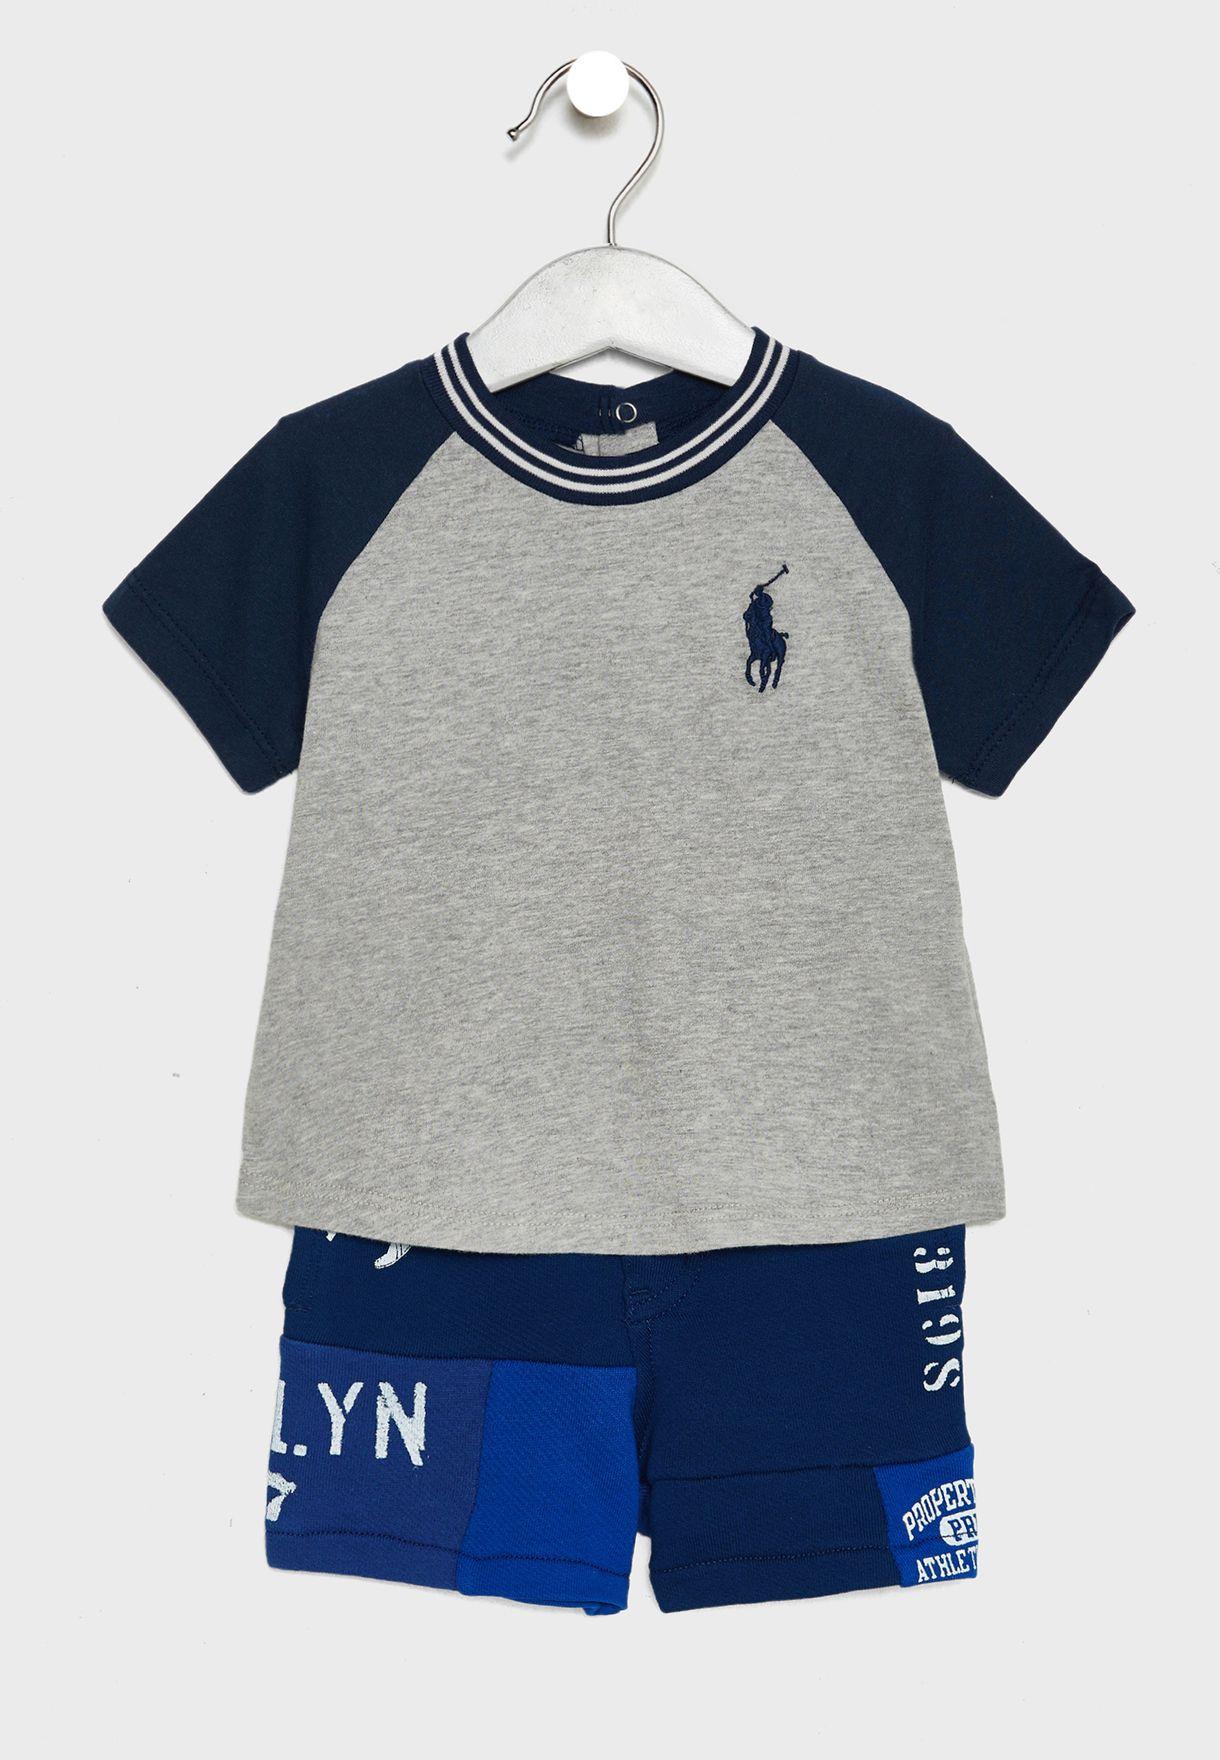 86ee44ab4 Shop Polo Ralph Lauren multicolor Infant Logo T-Shirt + Shorts Set ...